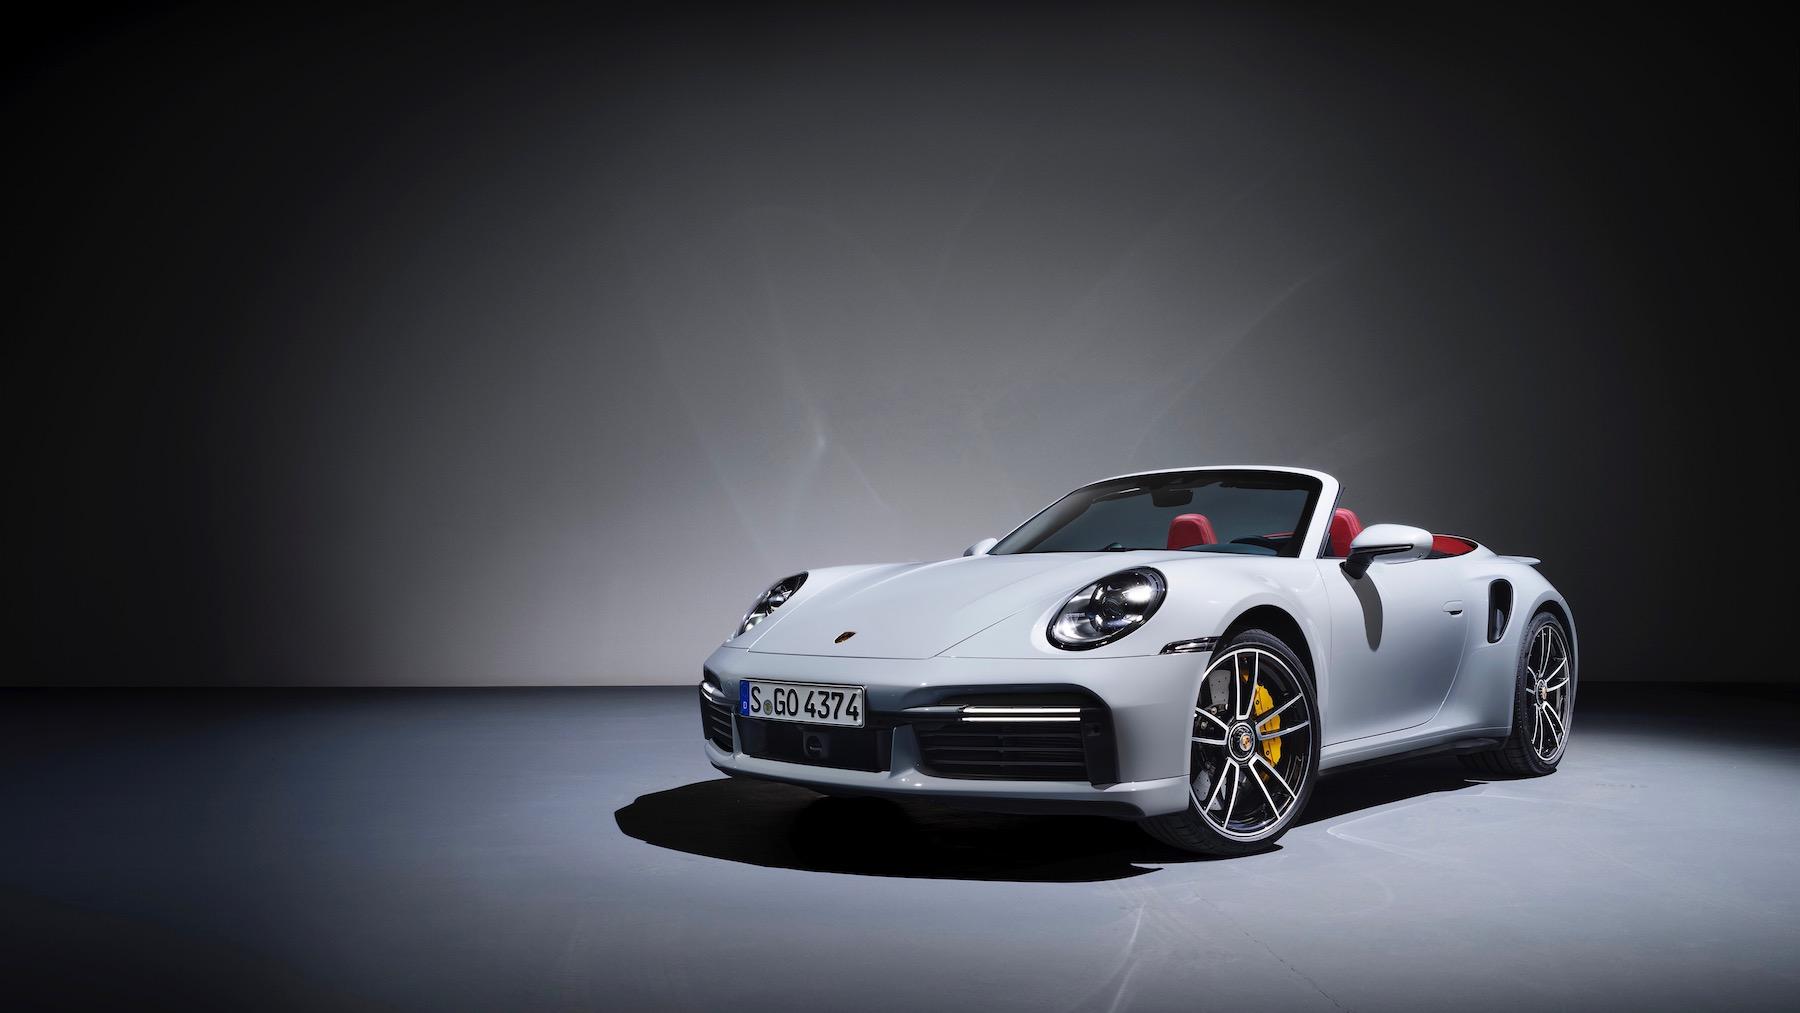 Porsche präsentiert die neue Generation des 911 Turbo S 7